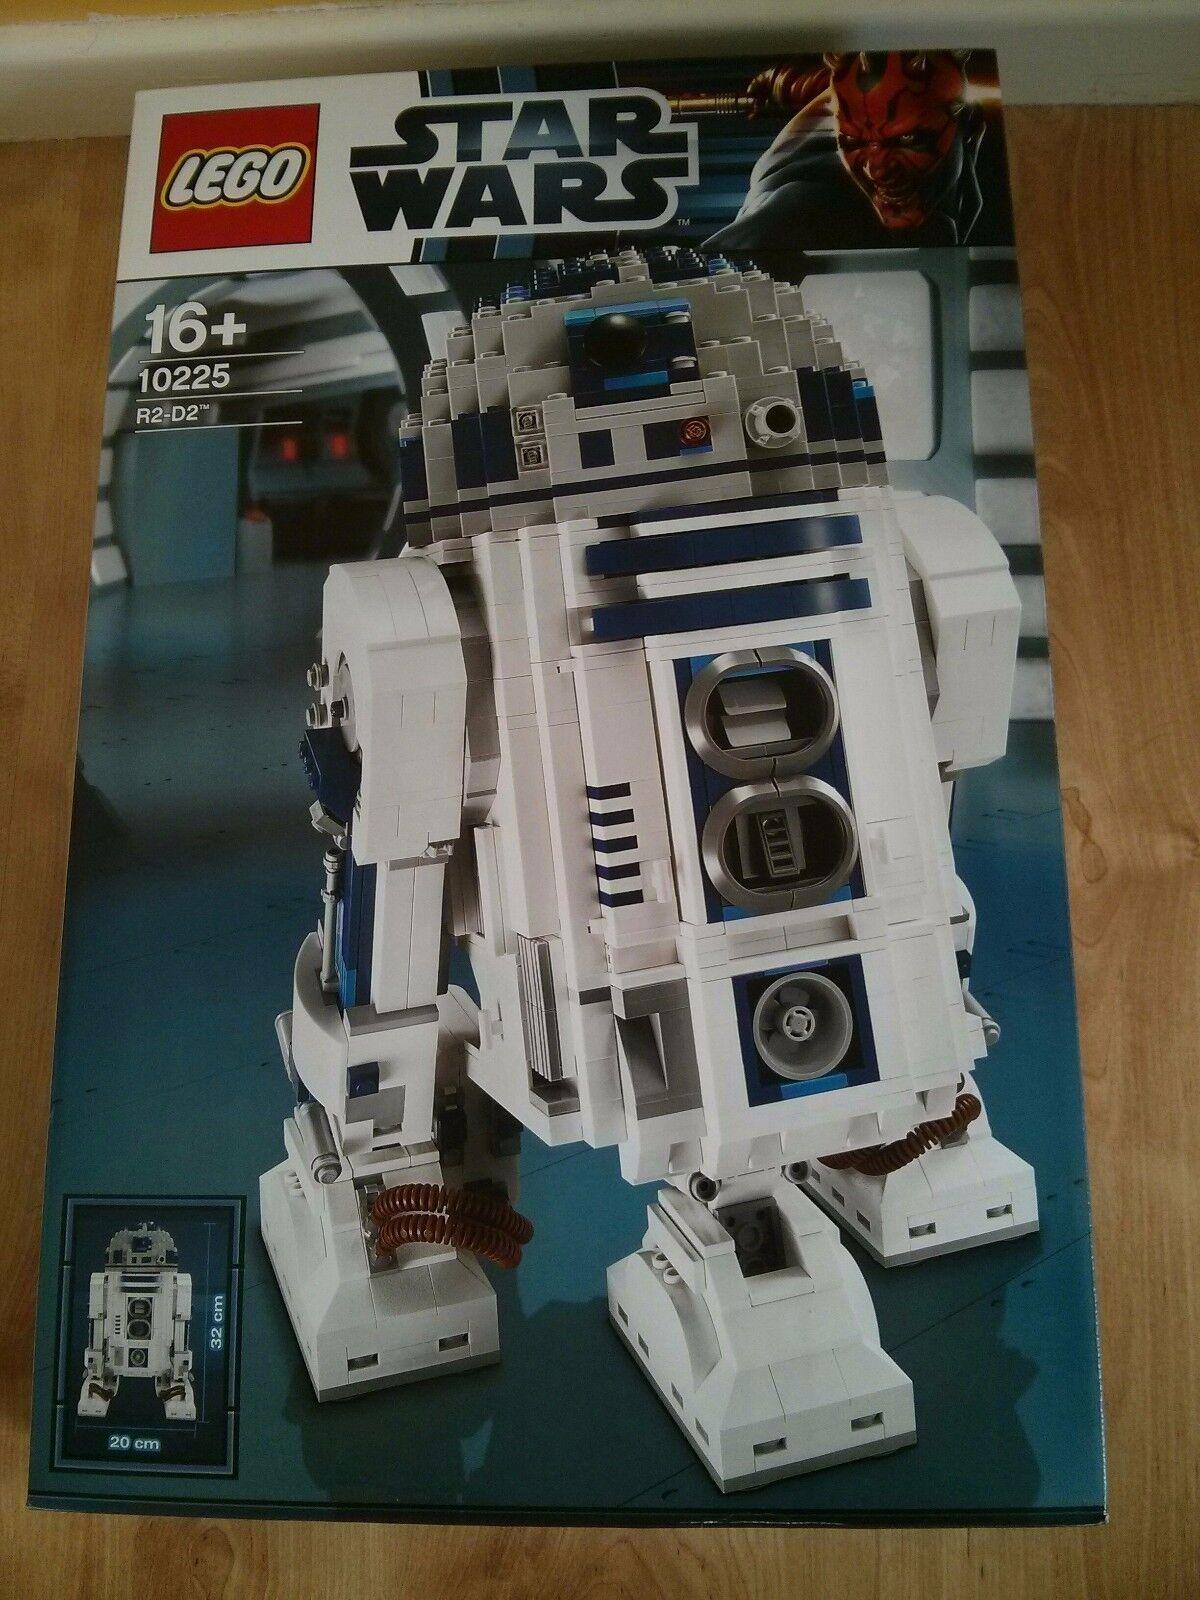 LEGO STAR WARS UCS 10225 R2-D2 Nuovo Sigillato Box Set bel regalo di Natale Gratis